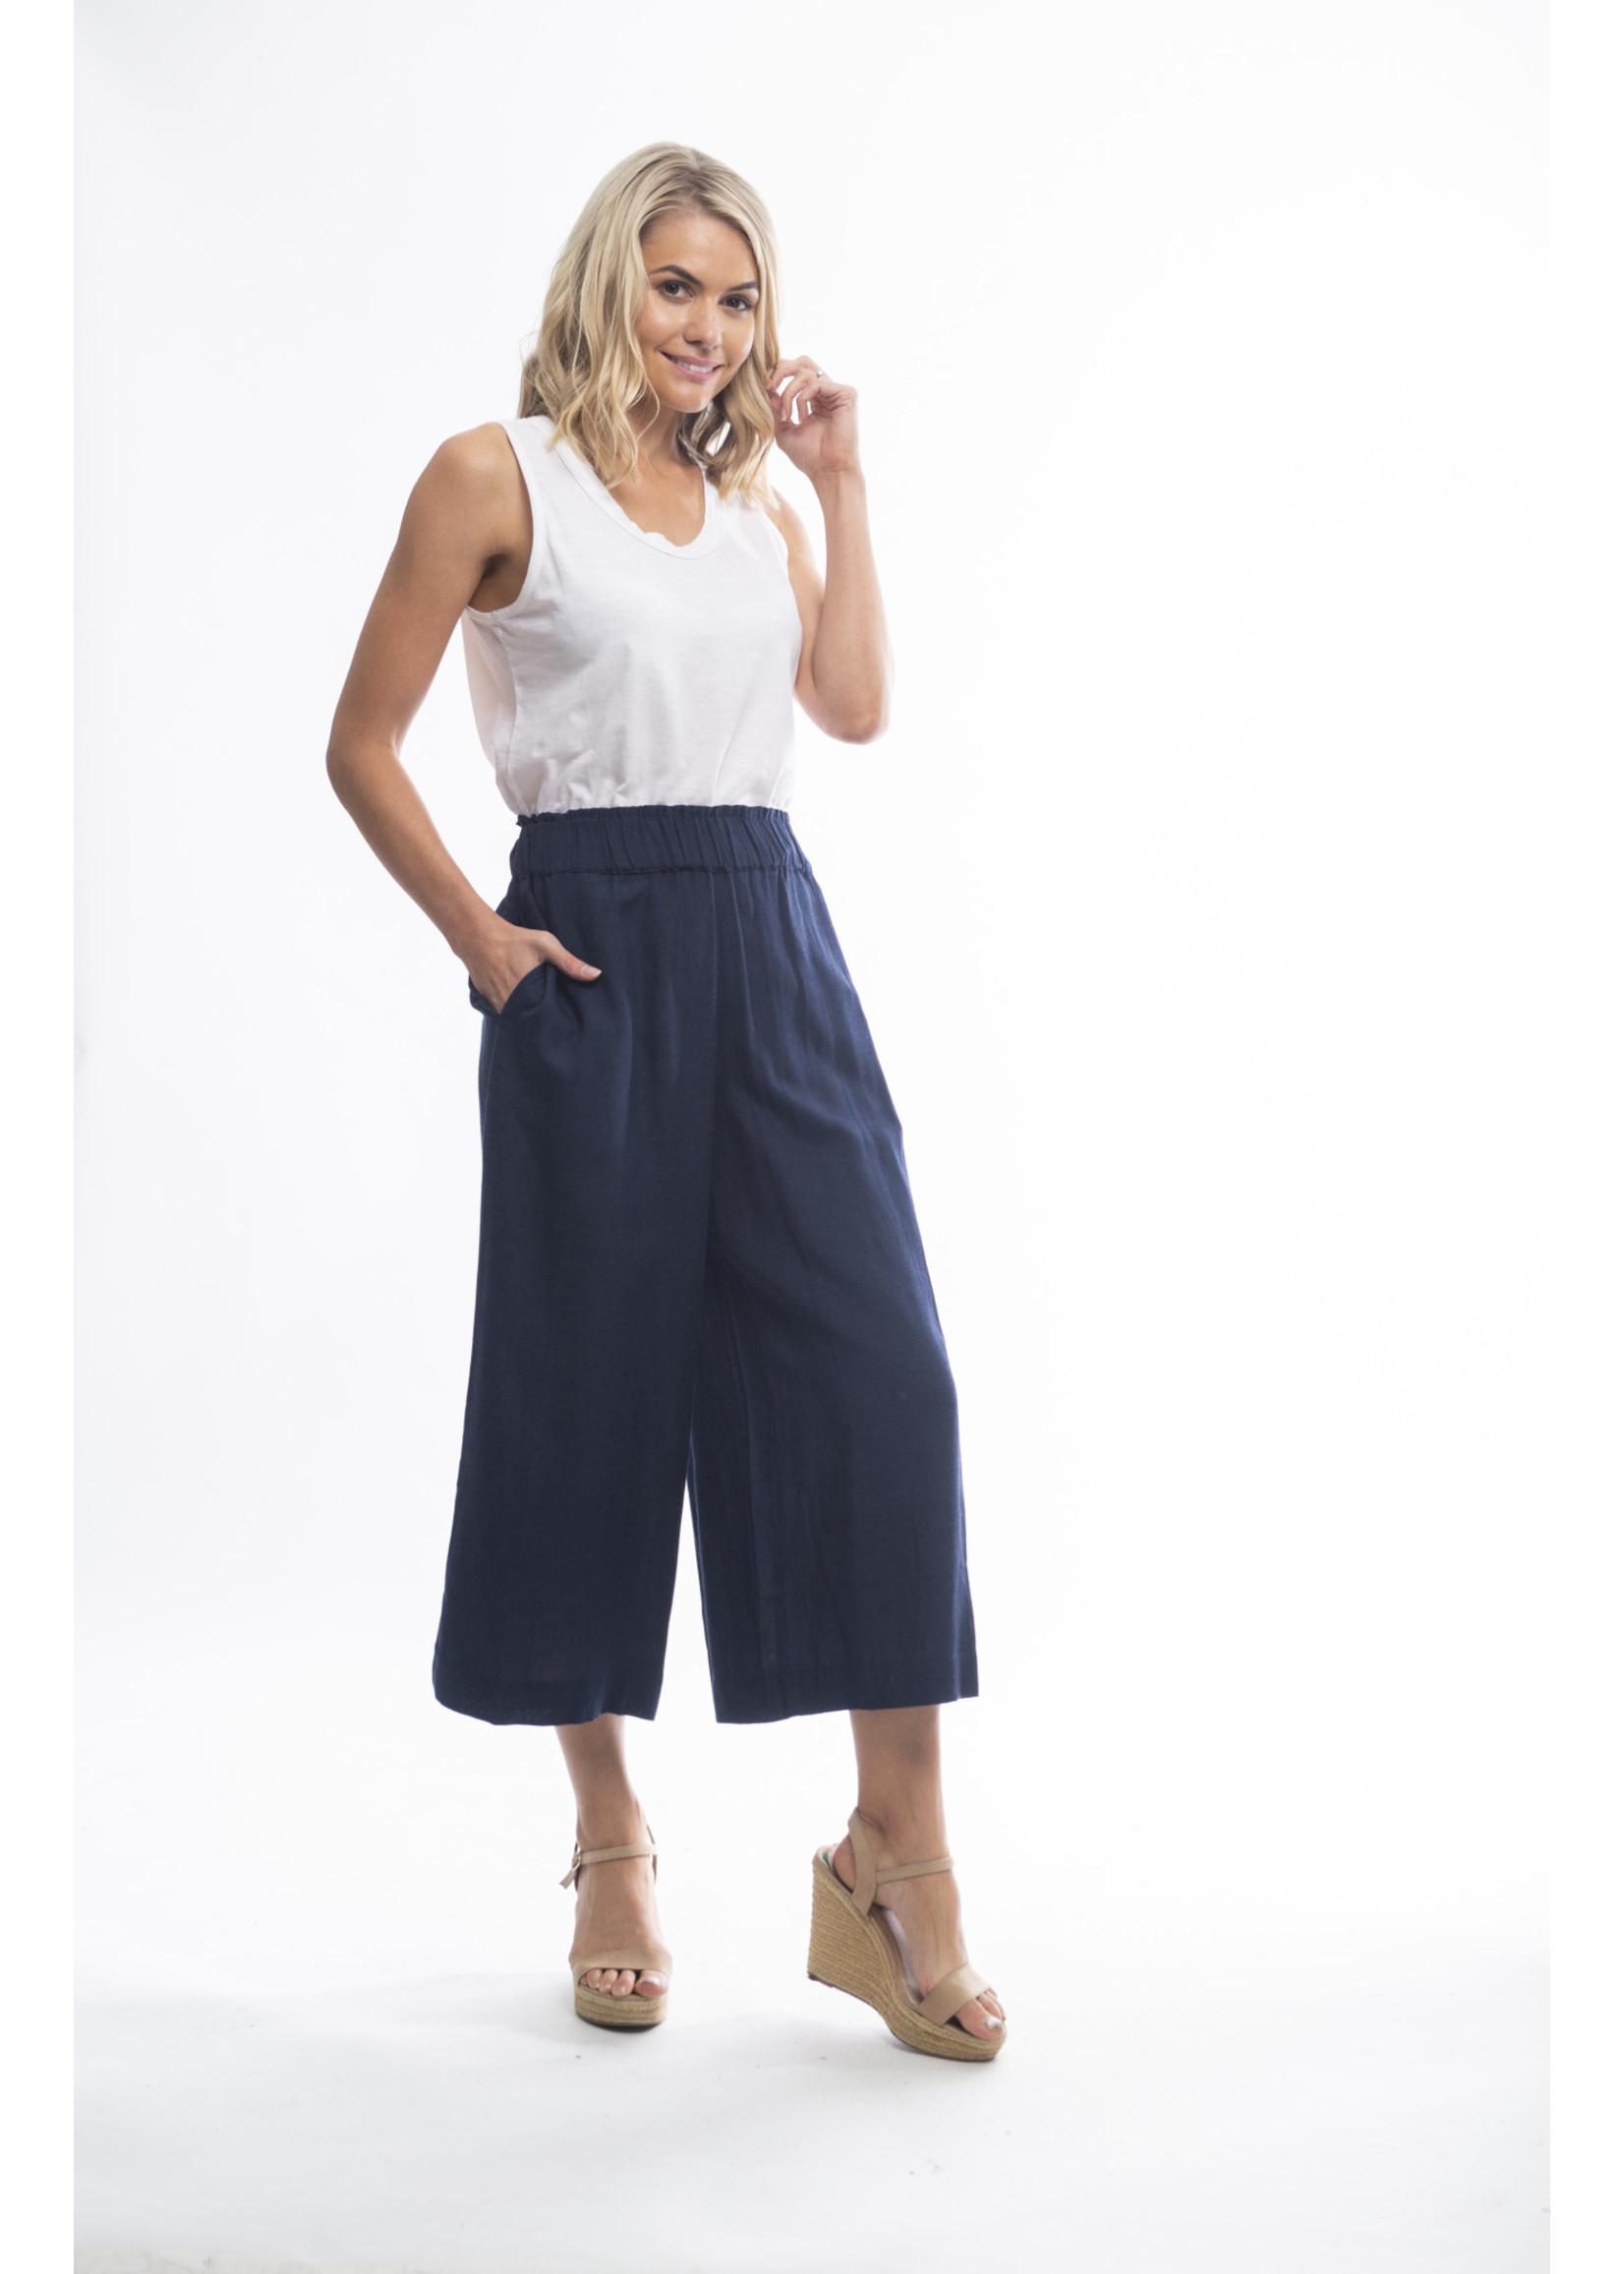 Orientique Linen Pant * 2 colors *